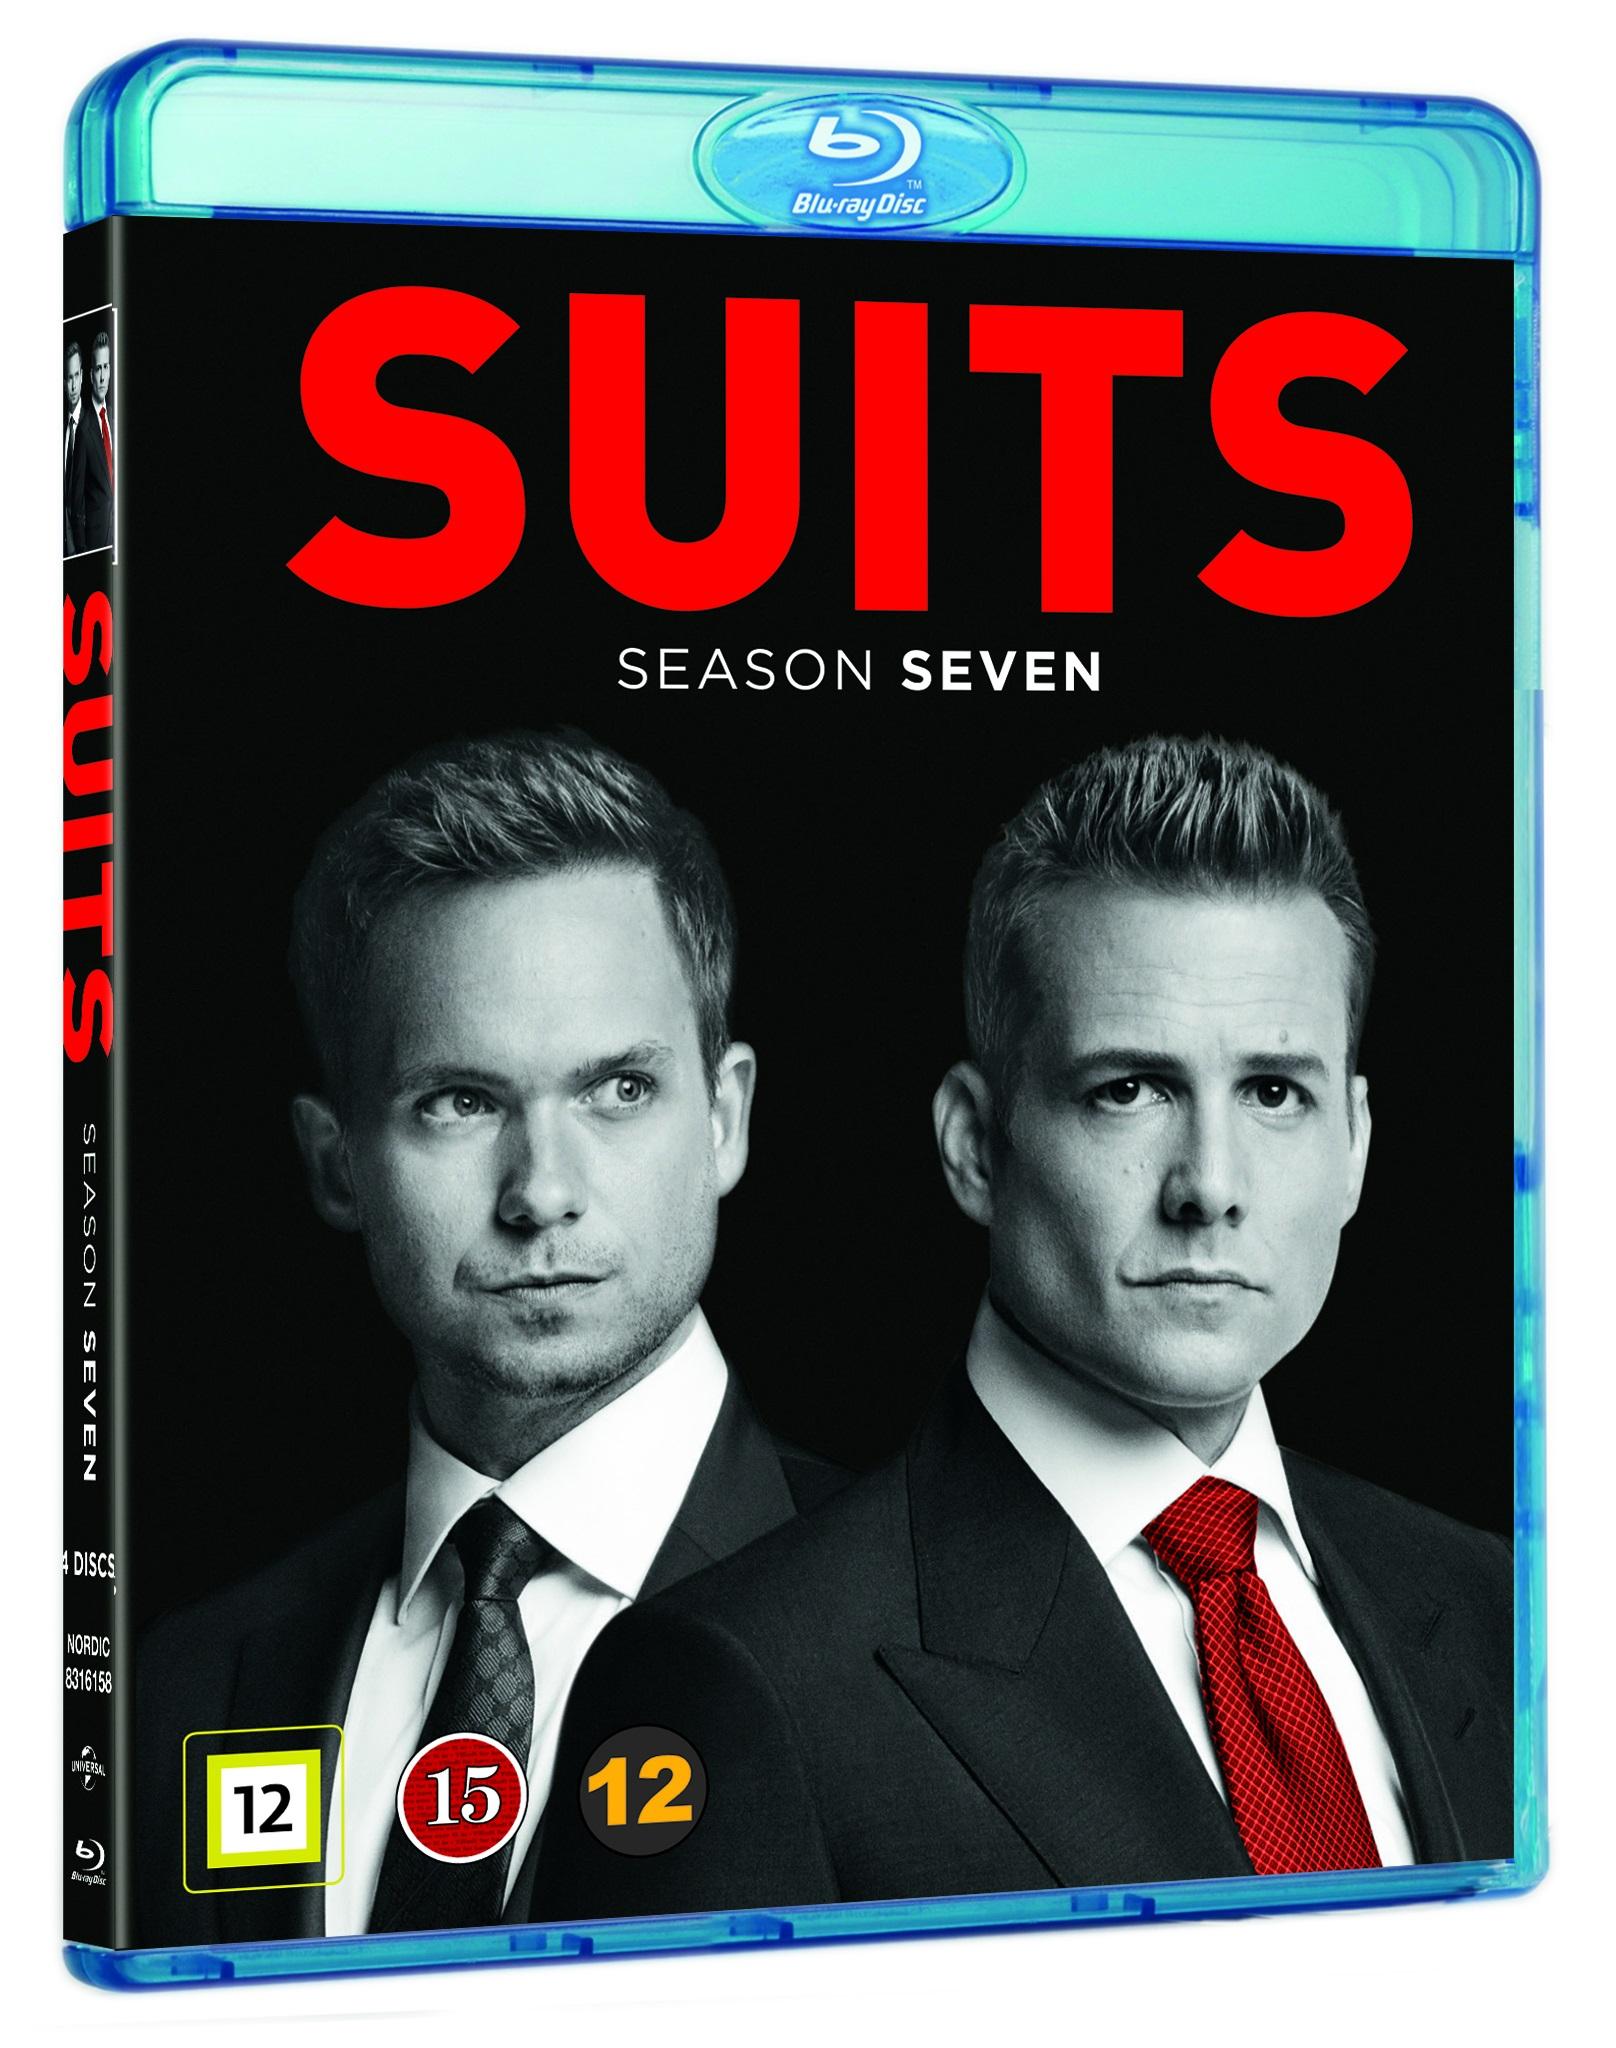 Suits - Season 7 - Suits - Film -  - 5053083161583 - 9/8-2018